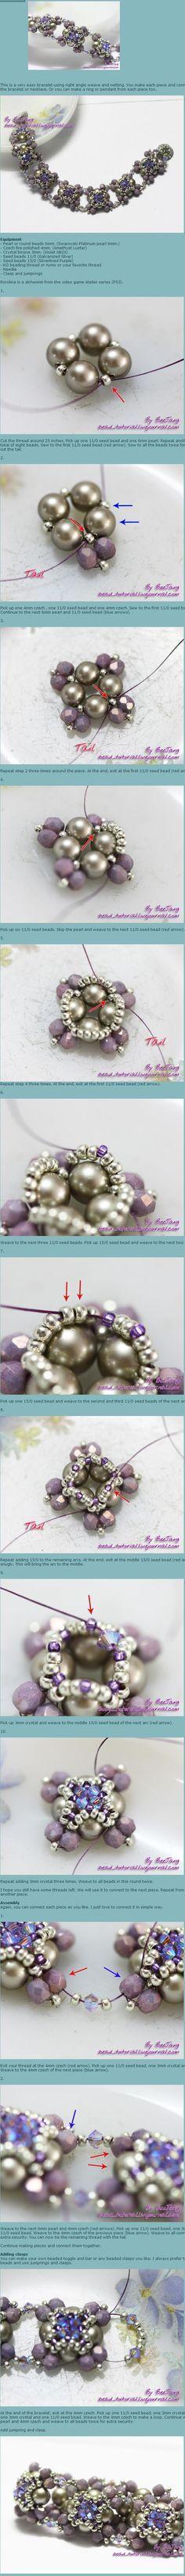 Beaded Beads TUTORIAL bracelet